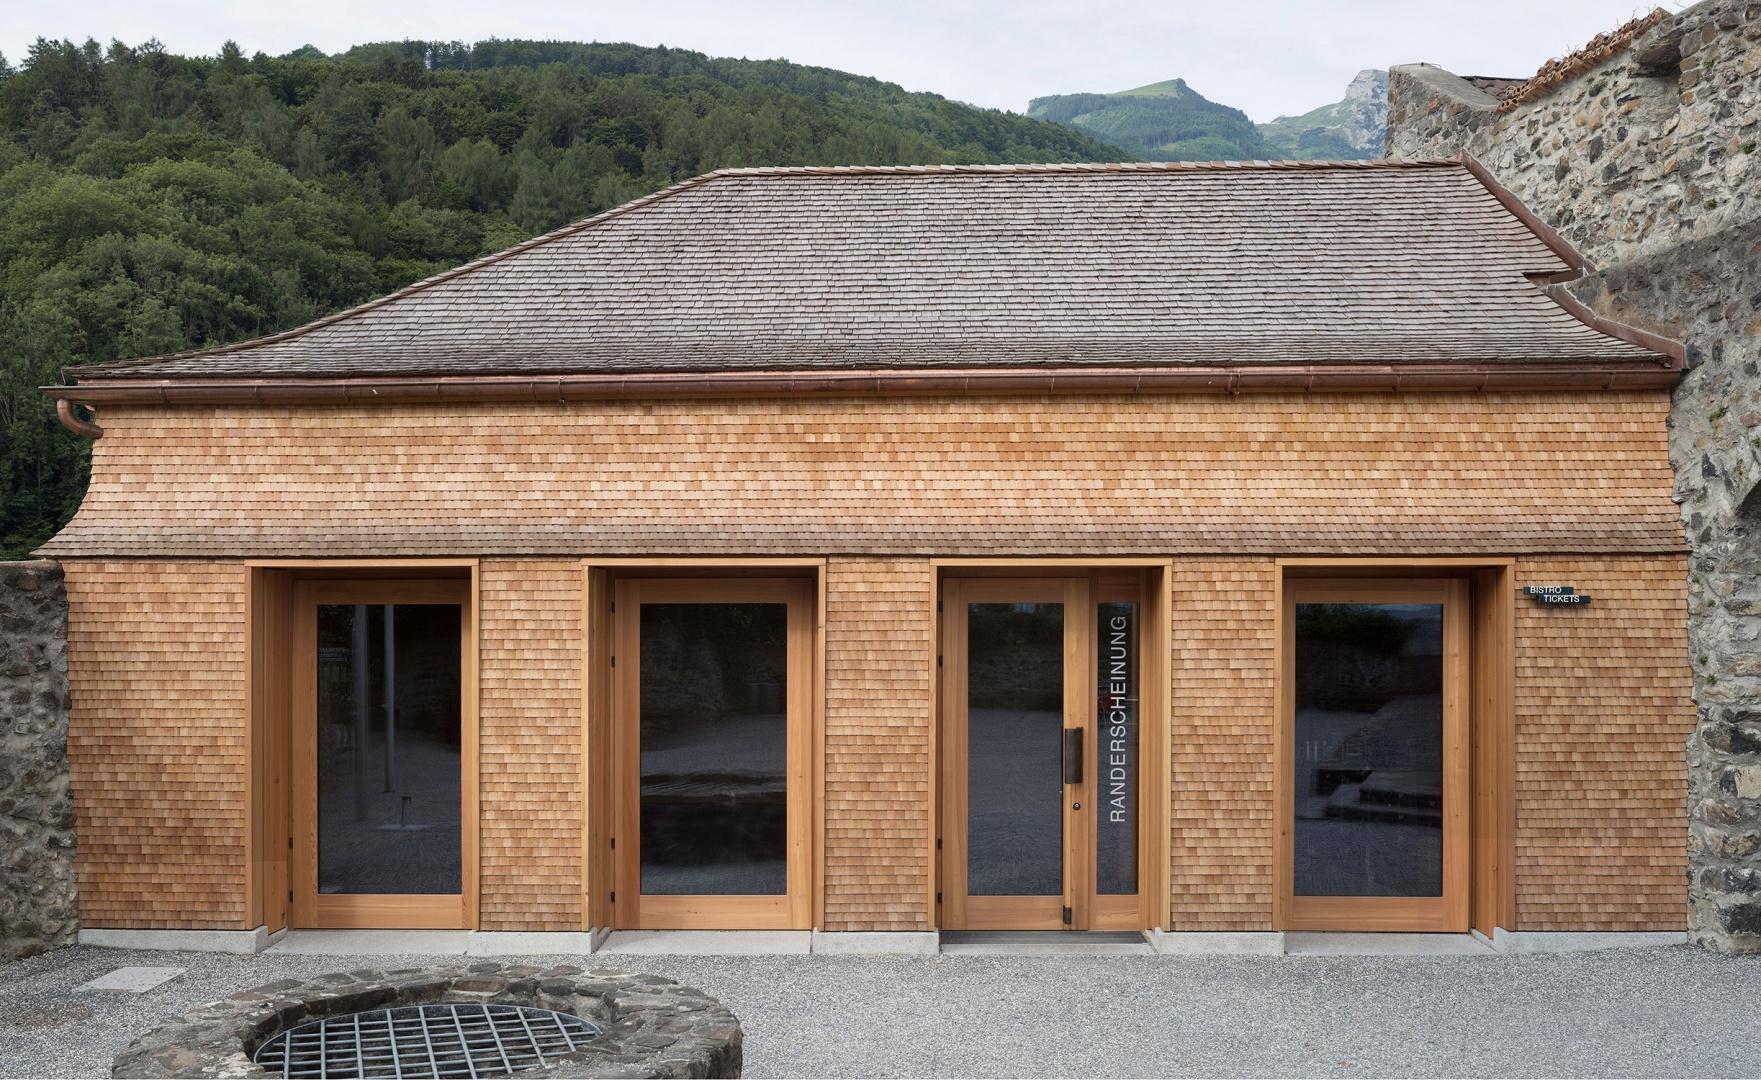 Erweiterung Museum Schloss Werdenberg - Ansicht des Neubaus © Foto: Walter Mair, Zürich